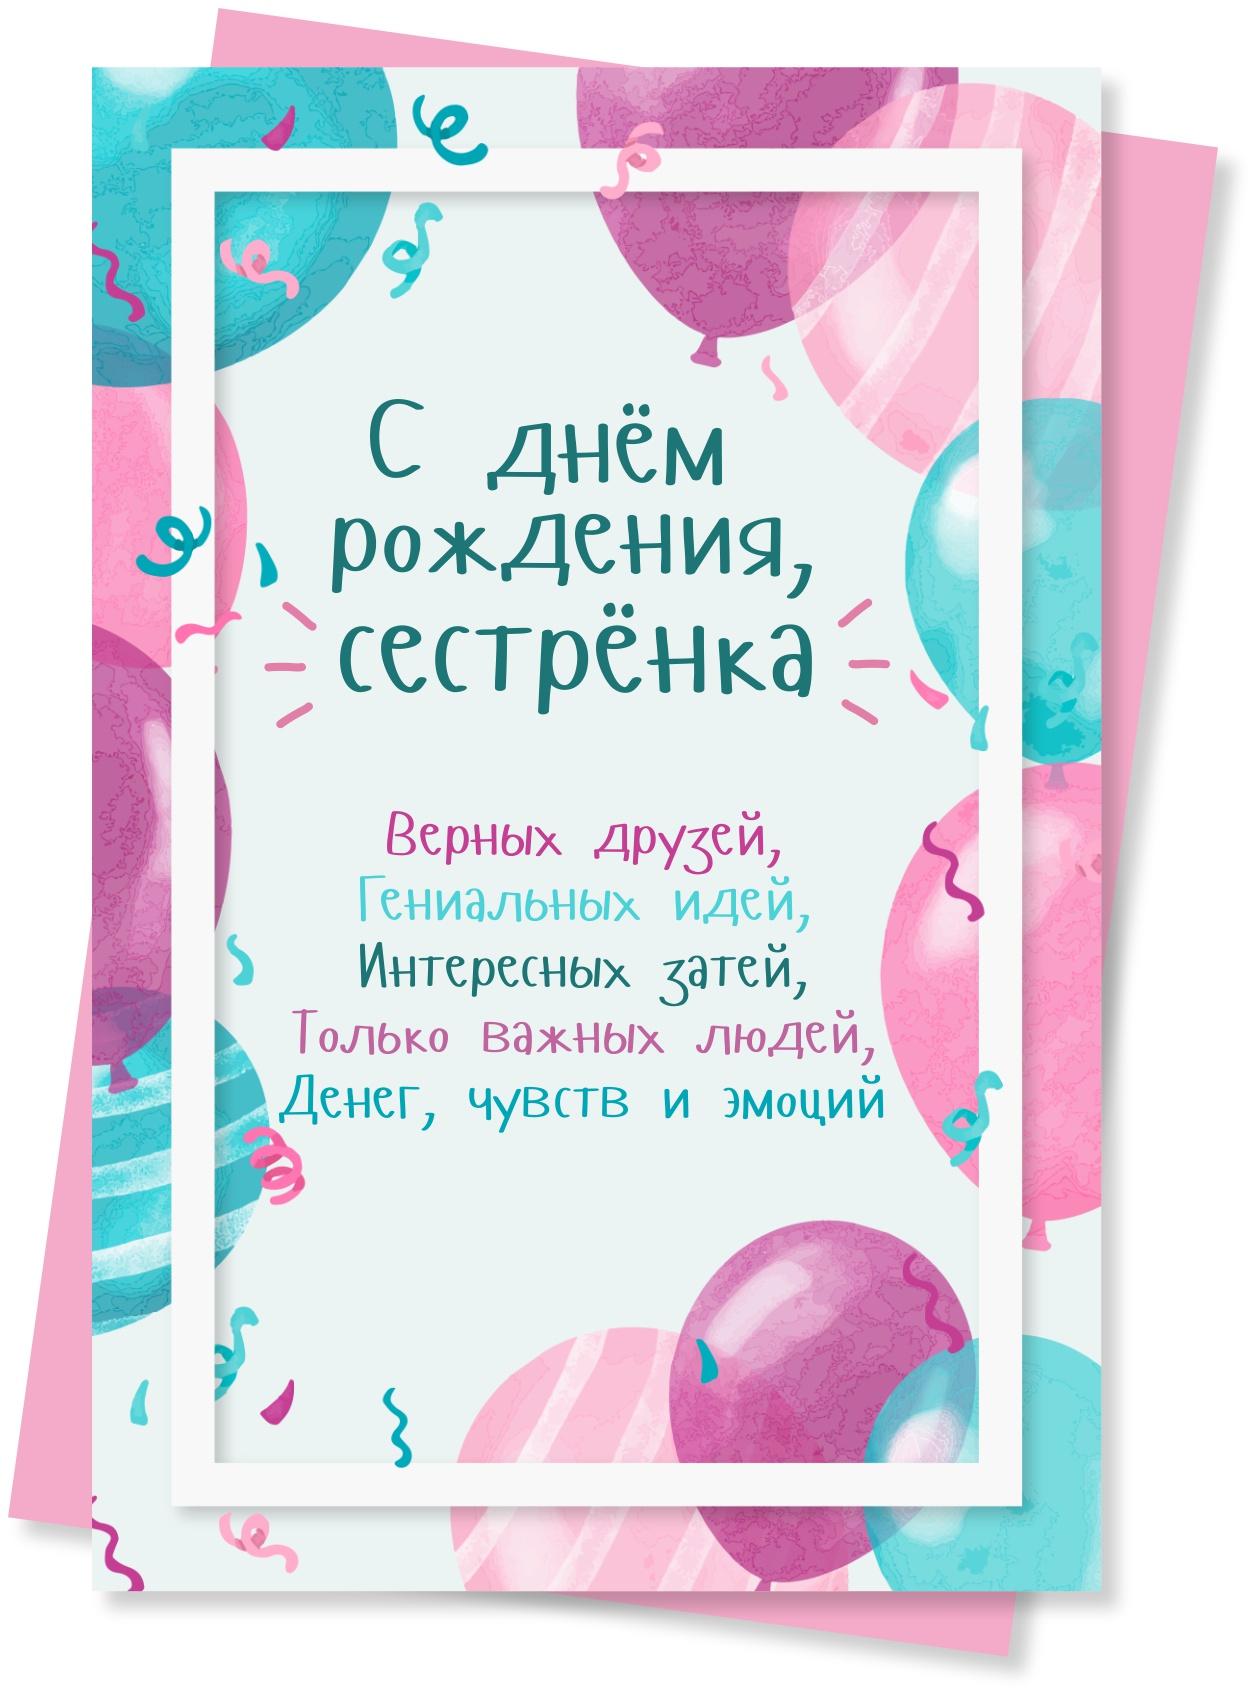 Поздравления сестры в открытках, смотреть поздравление открытки